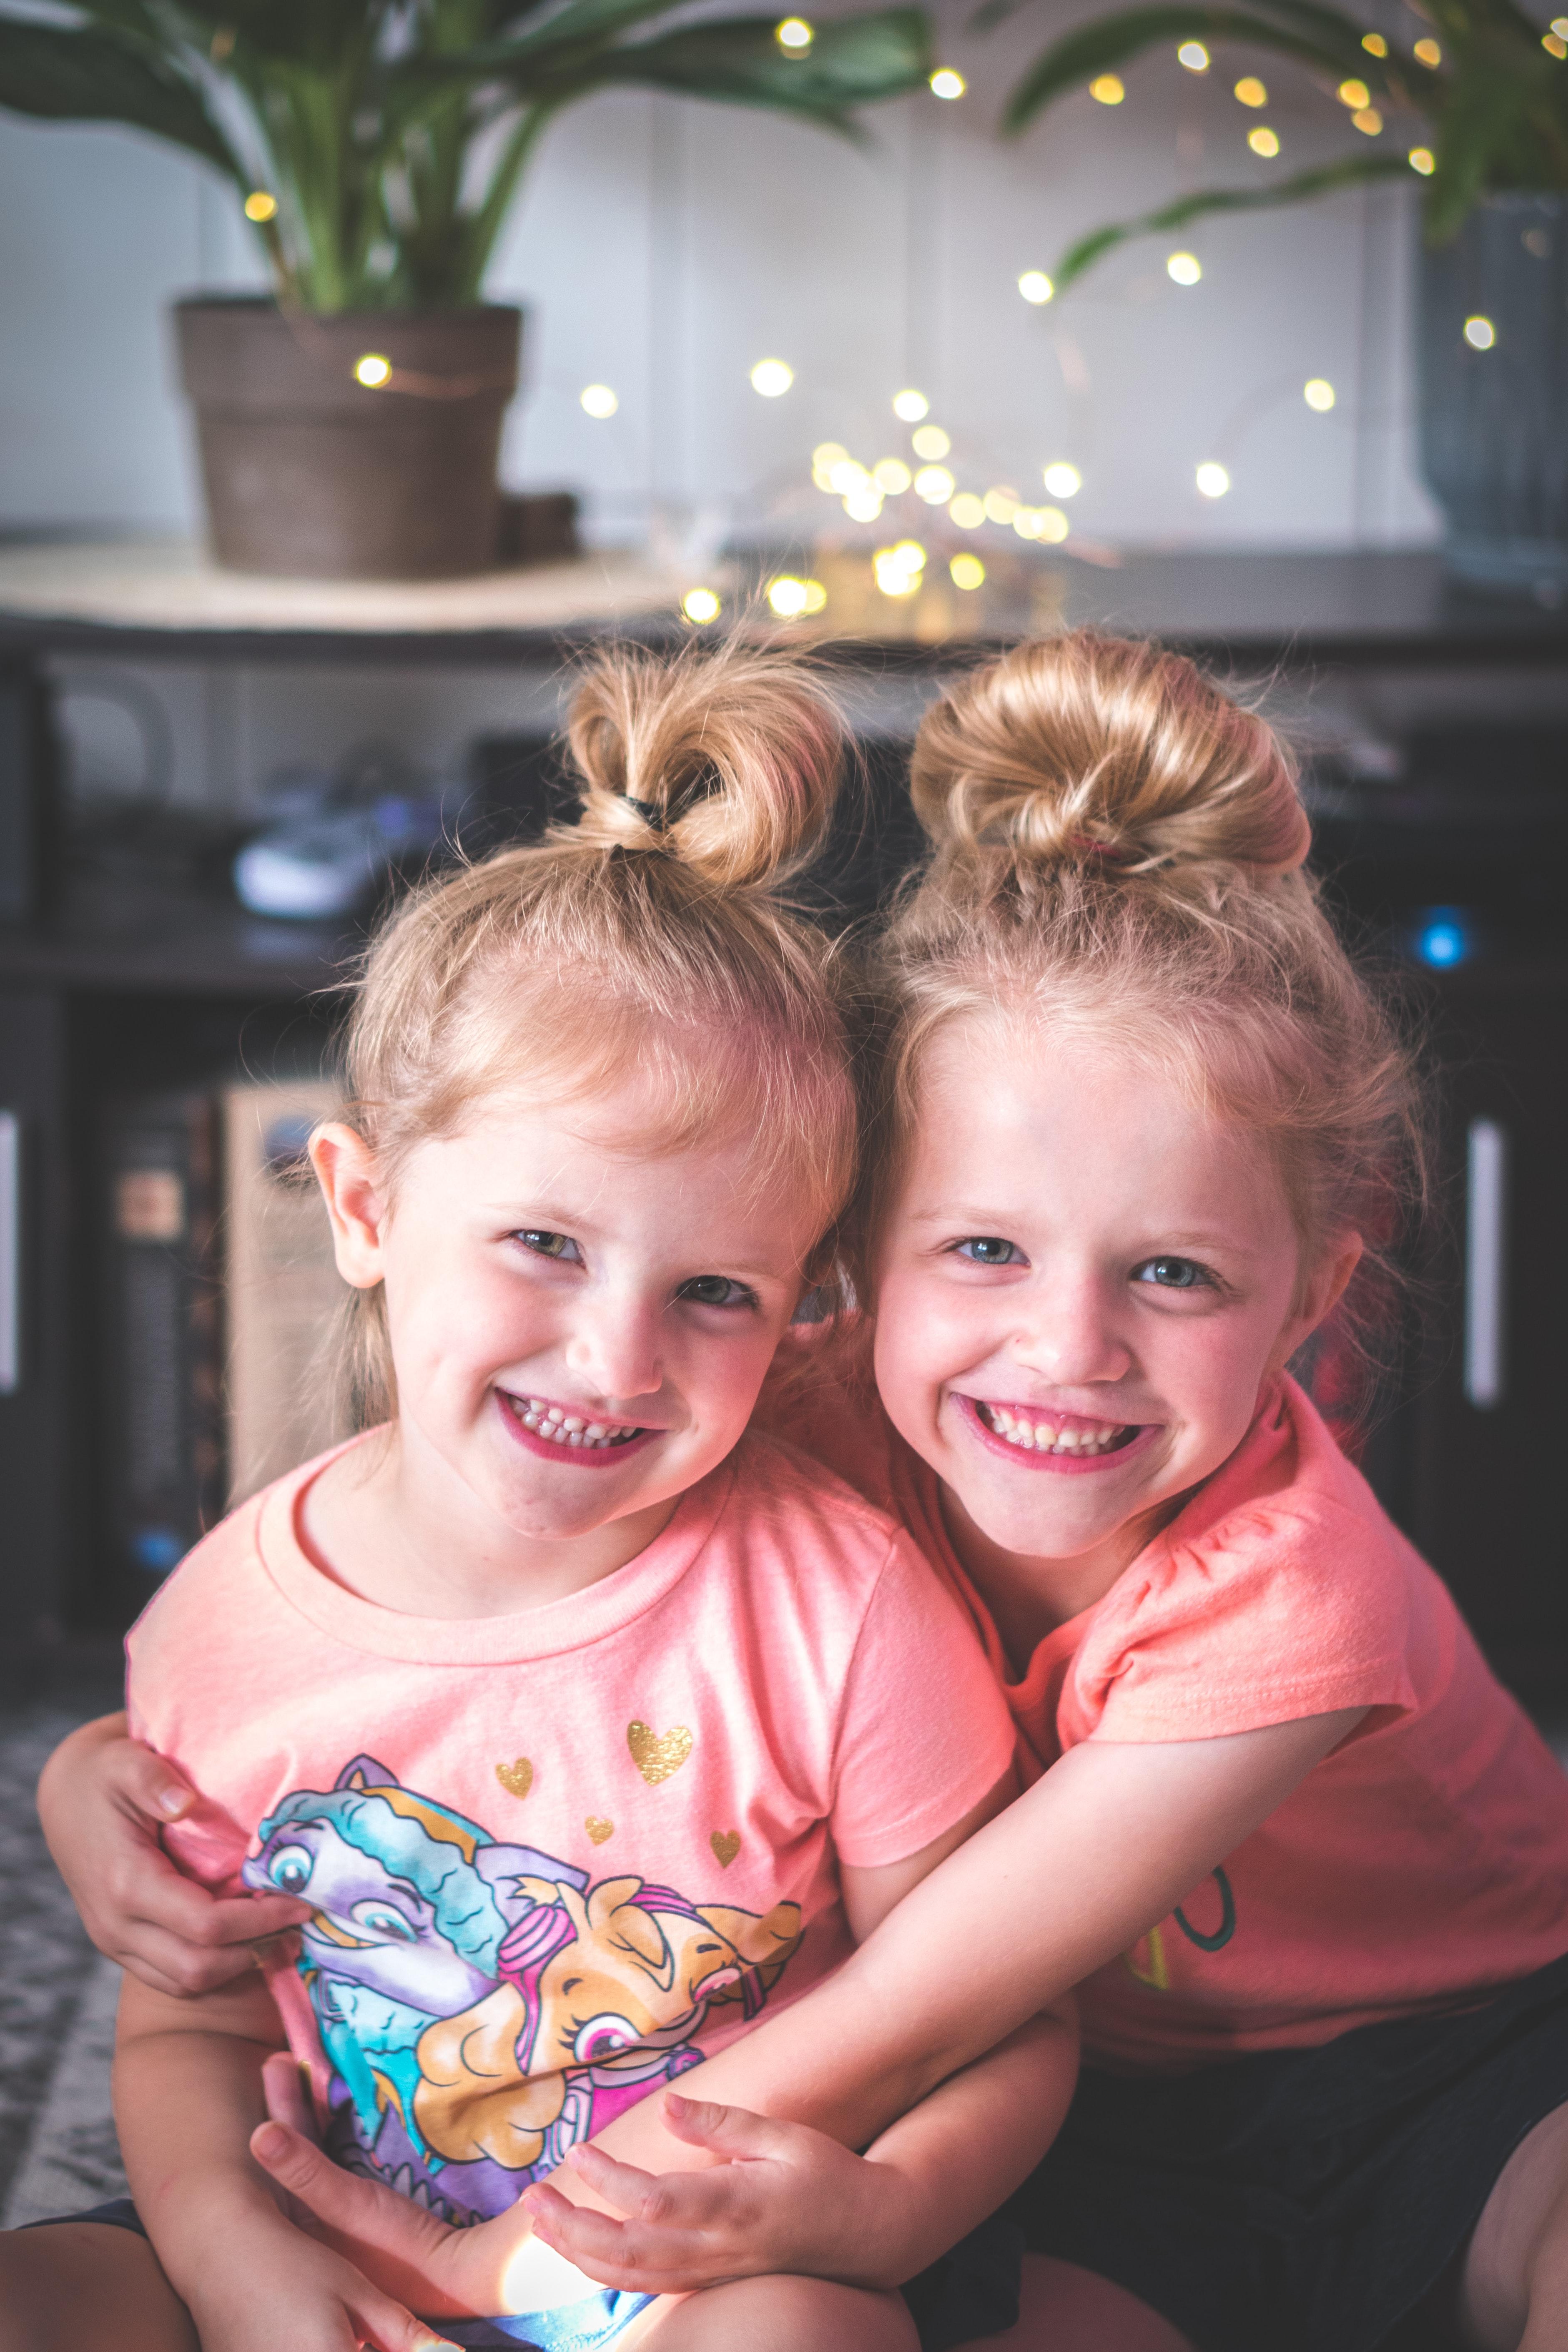 smiling little girls